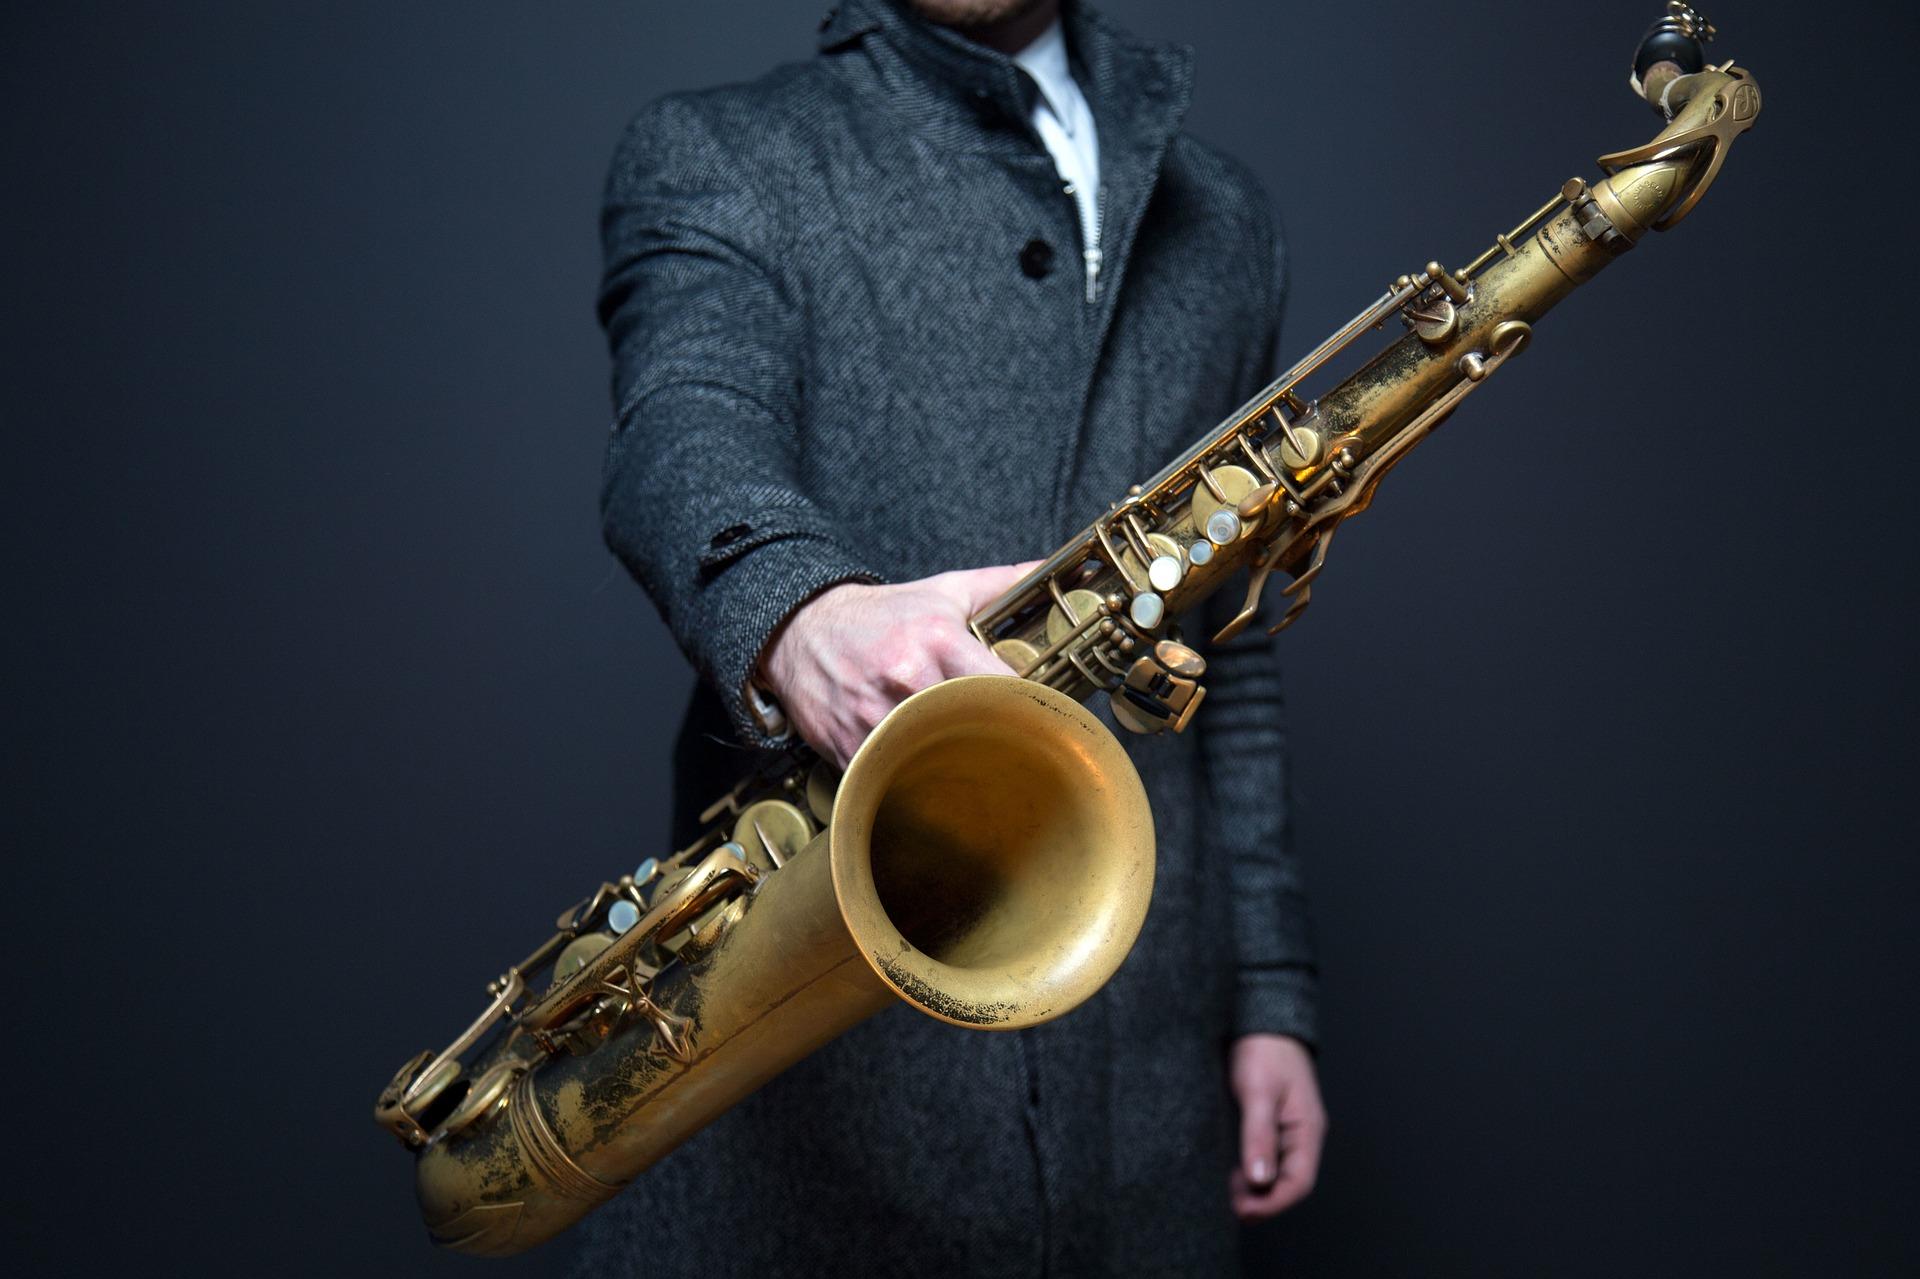 fale dźwiękowe, saksofon, muzyka, fale akustyczne